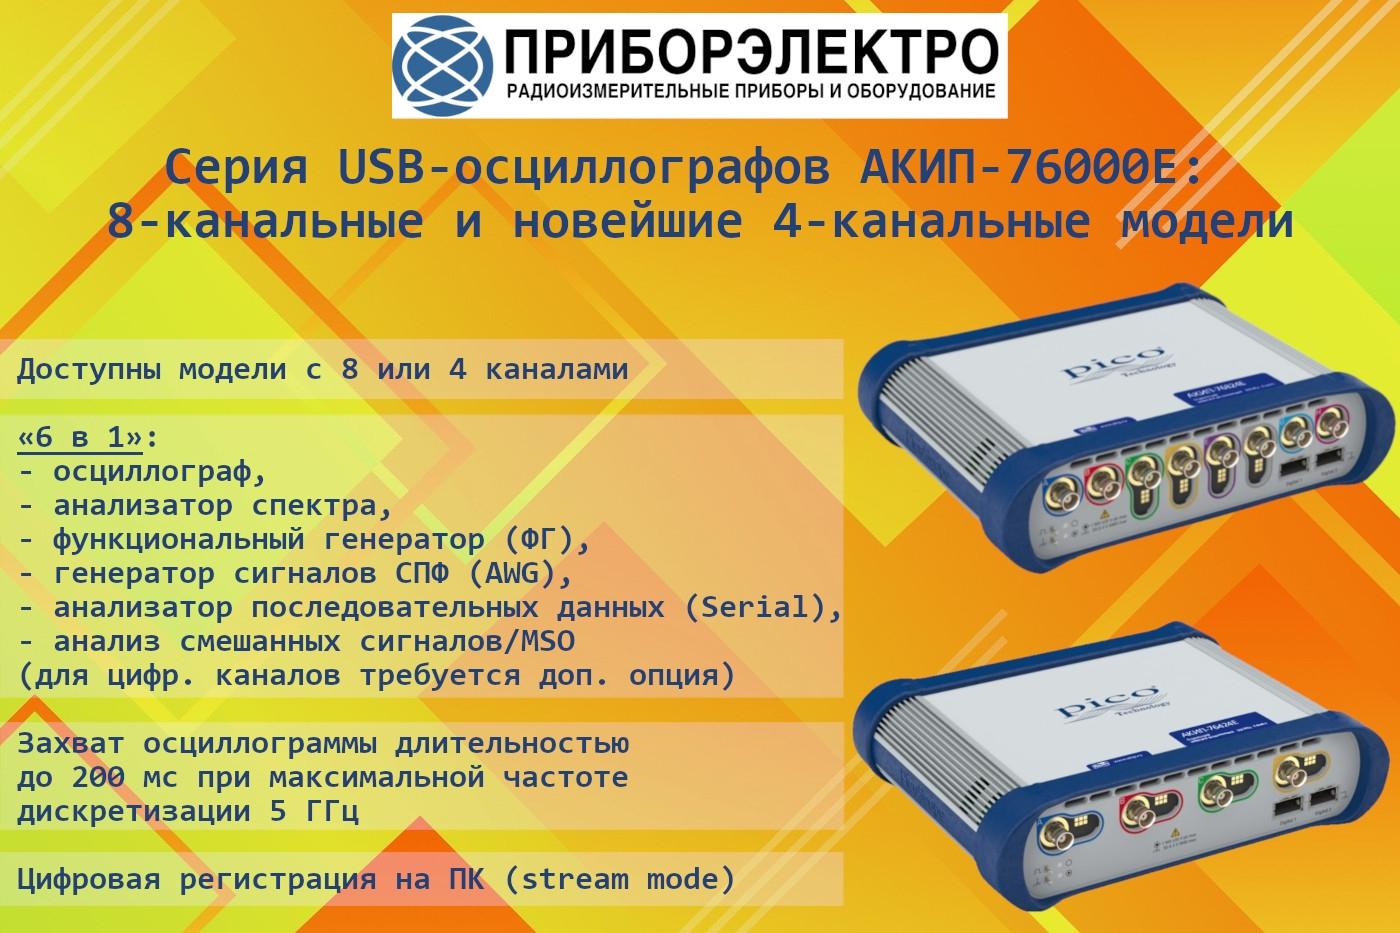 СерияUSB-осциллографов АКИП-76000E